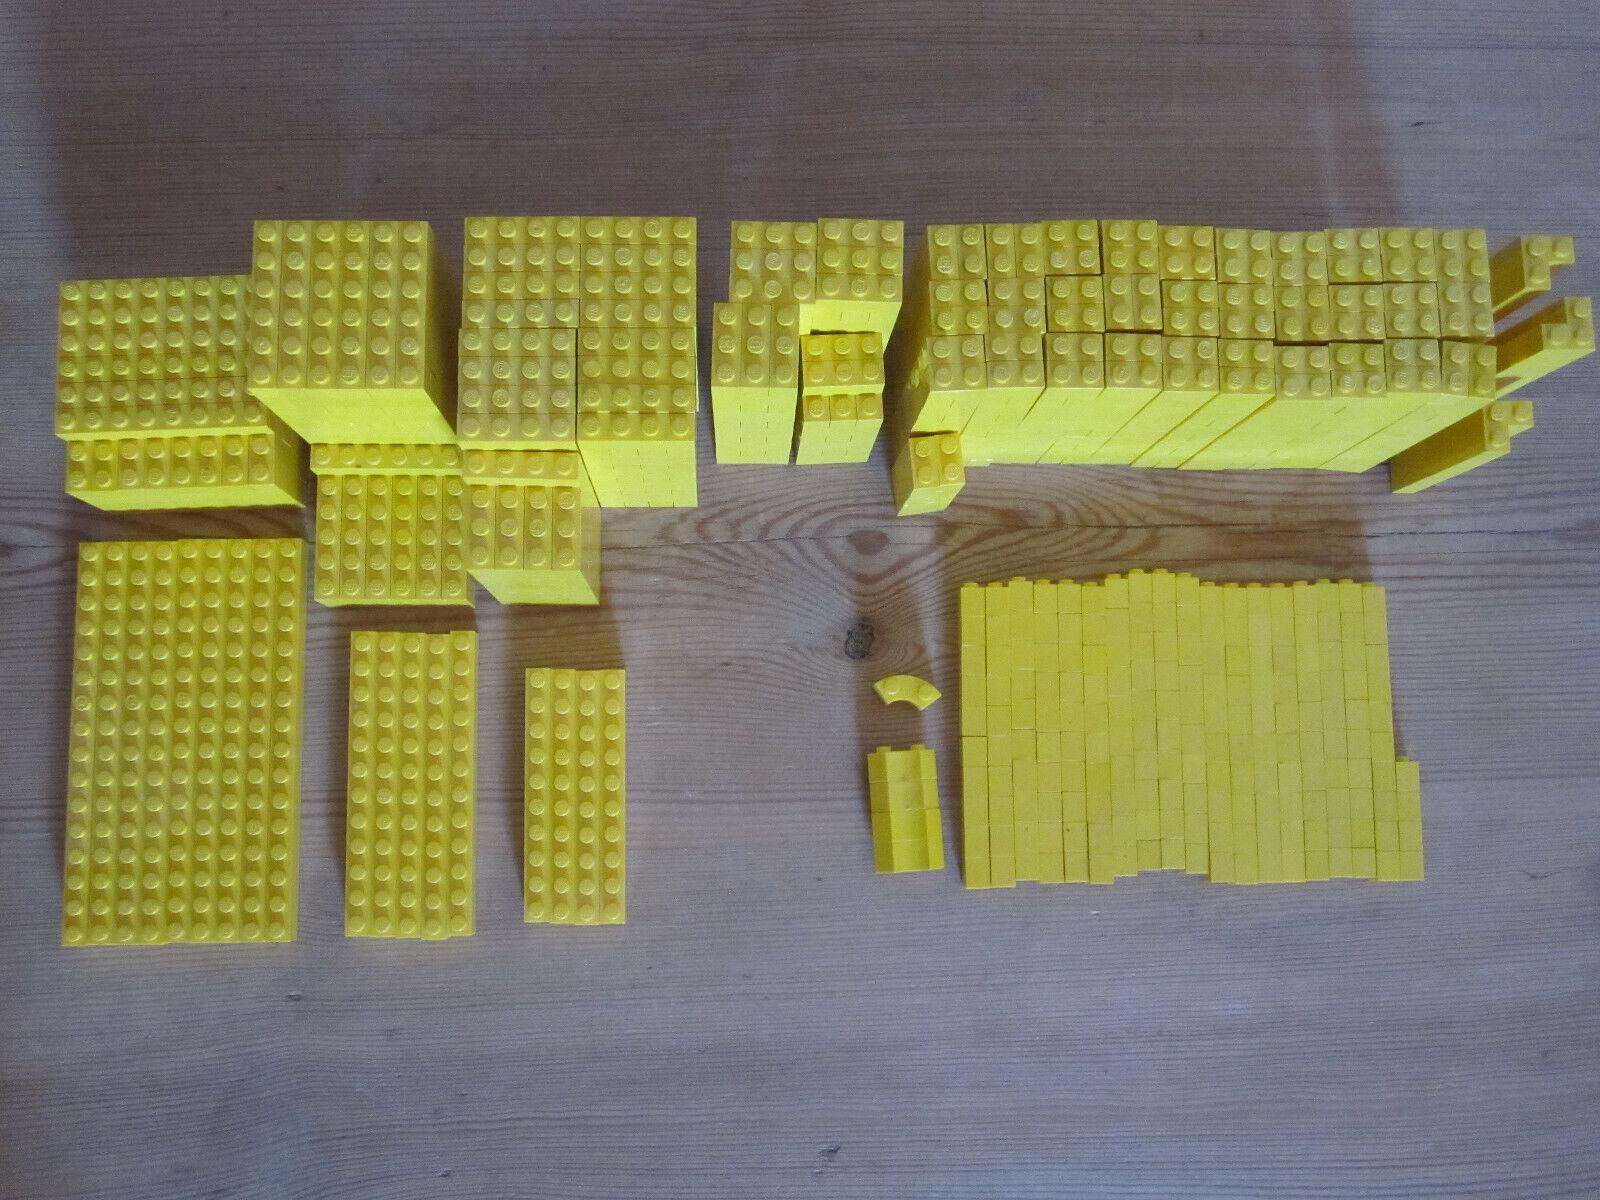 LEGO 1,46kg Basis Steine 1-reihig gelb sortiert